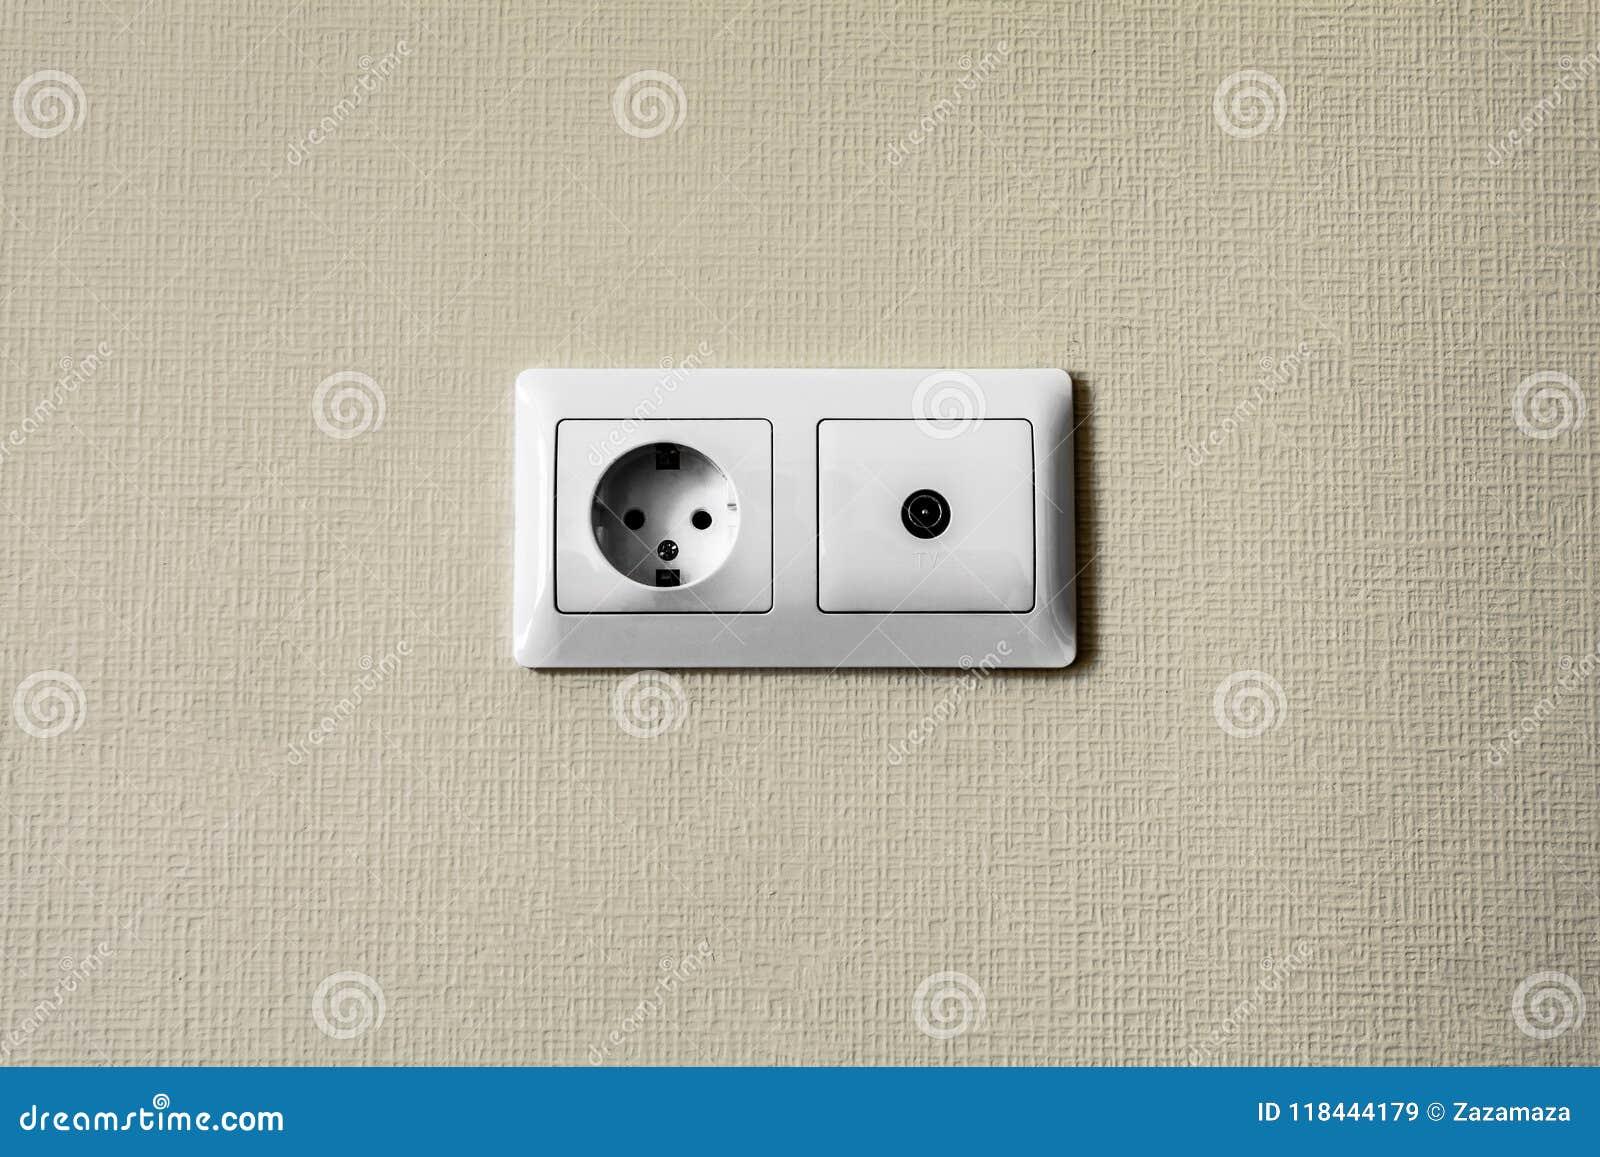 Ein Elektrischer Sockel Und Fernsehausgang In Der Gipskartonwand Im